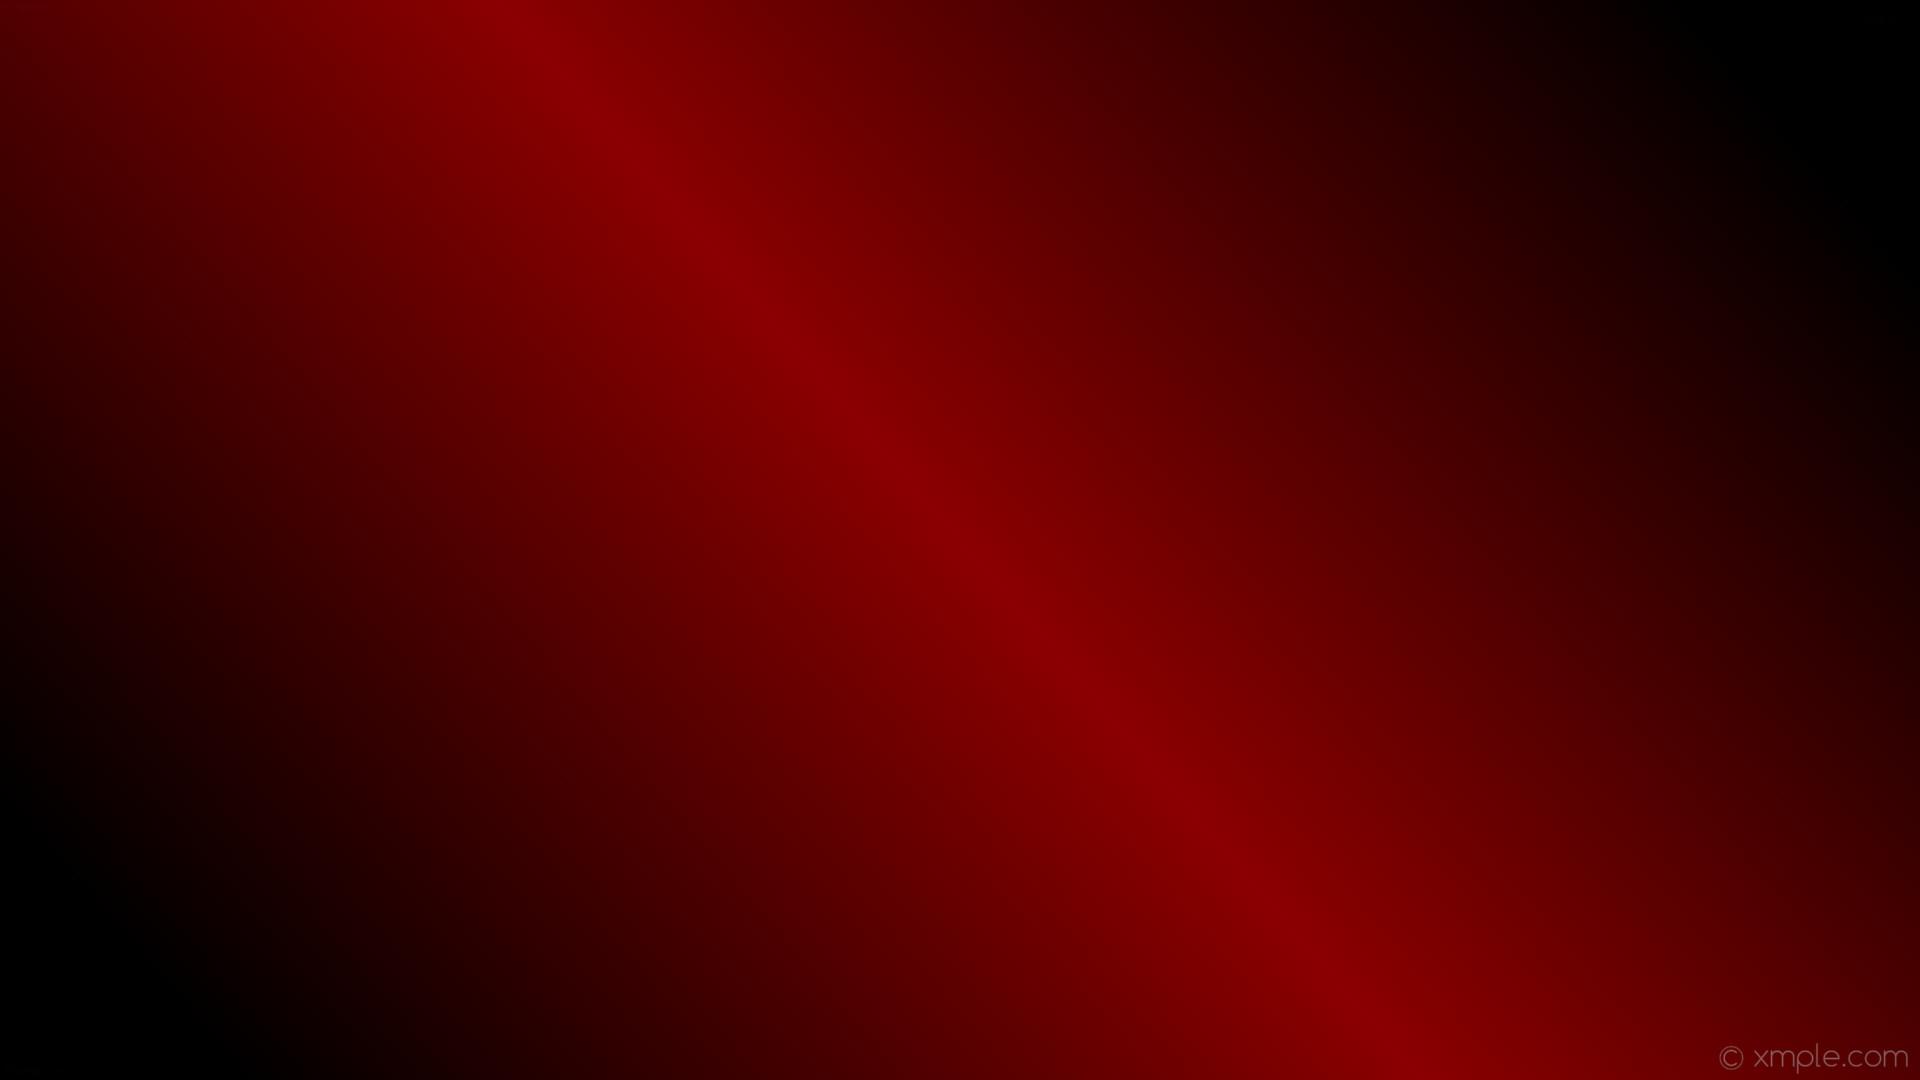 wallpaper linear red black gradient highlight dark red #000000 #8b0000 195°  50%